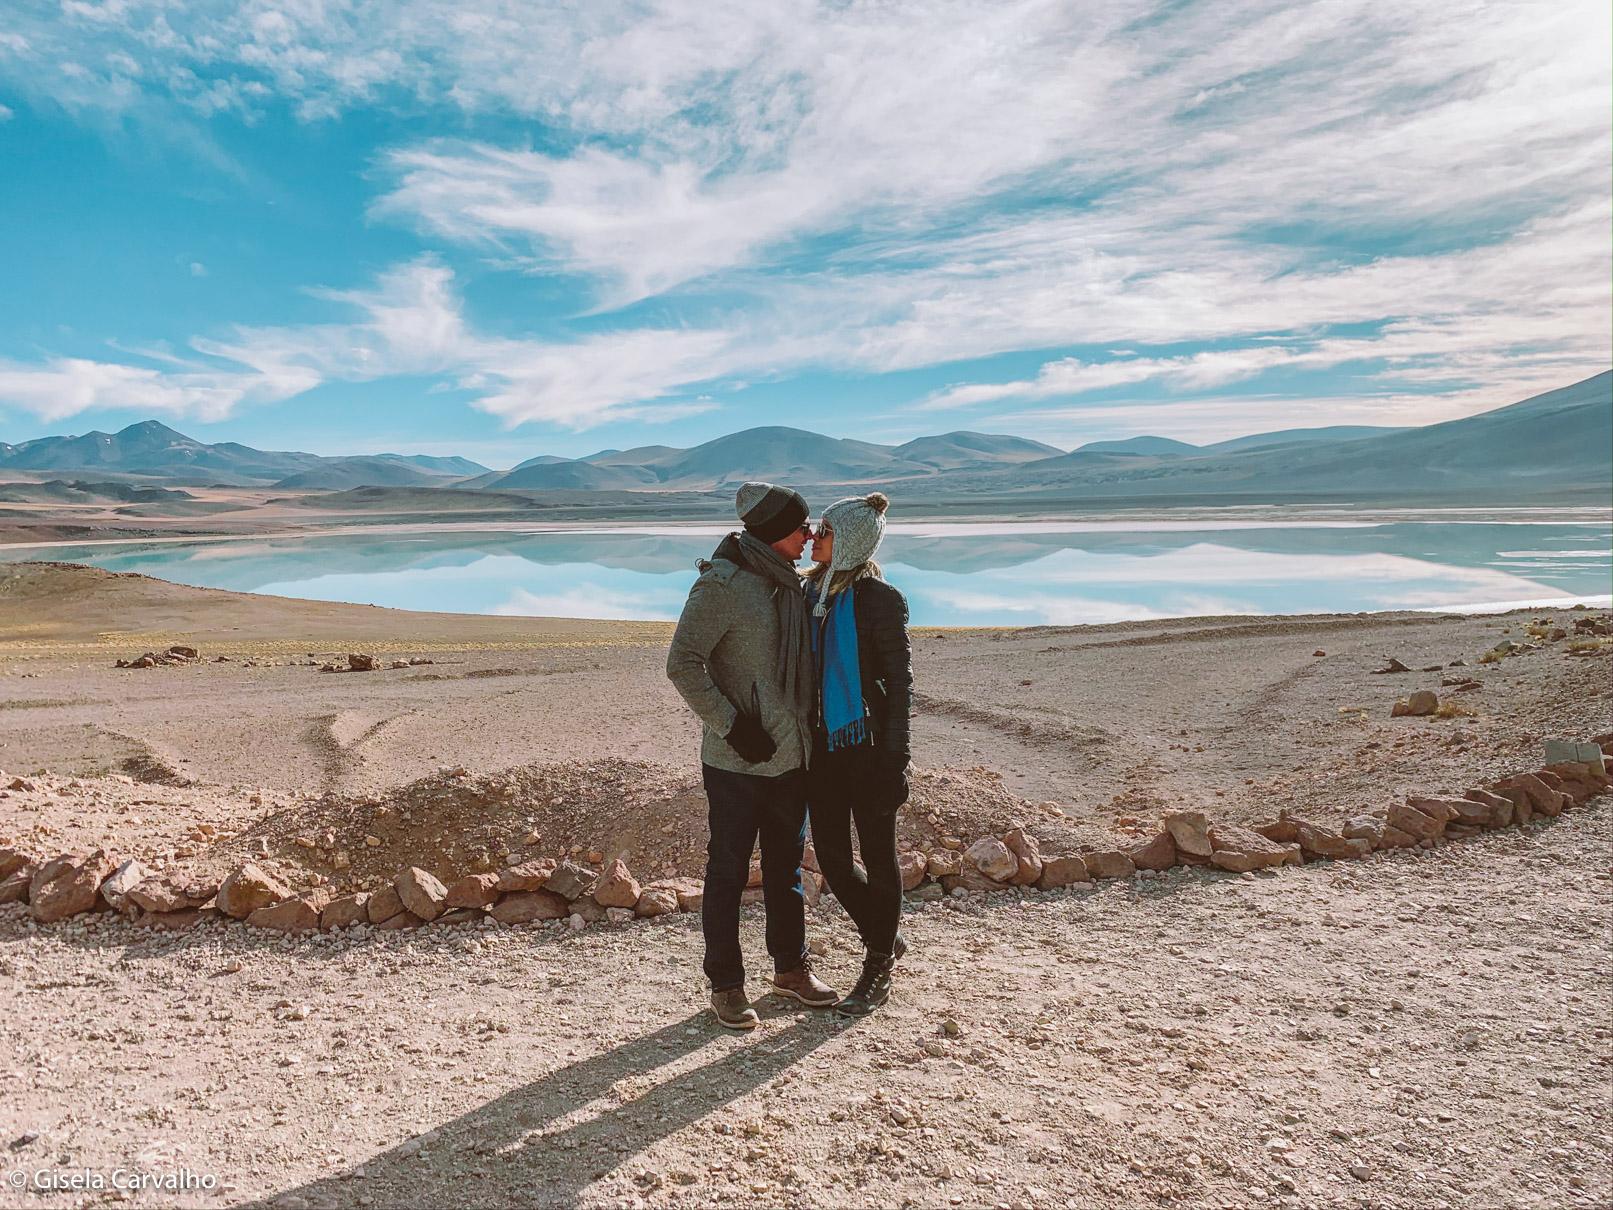 Lagunas Altiplanicas no deserto do Atacama